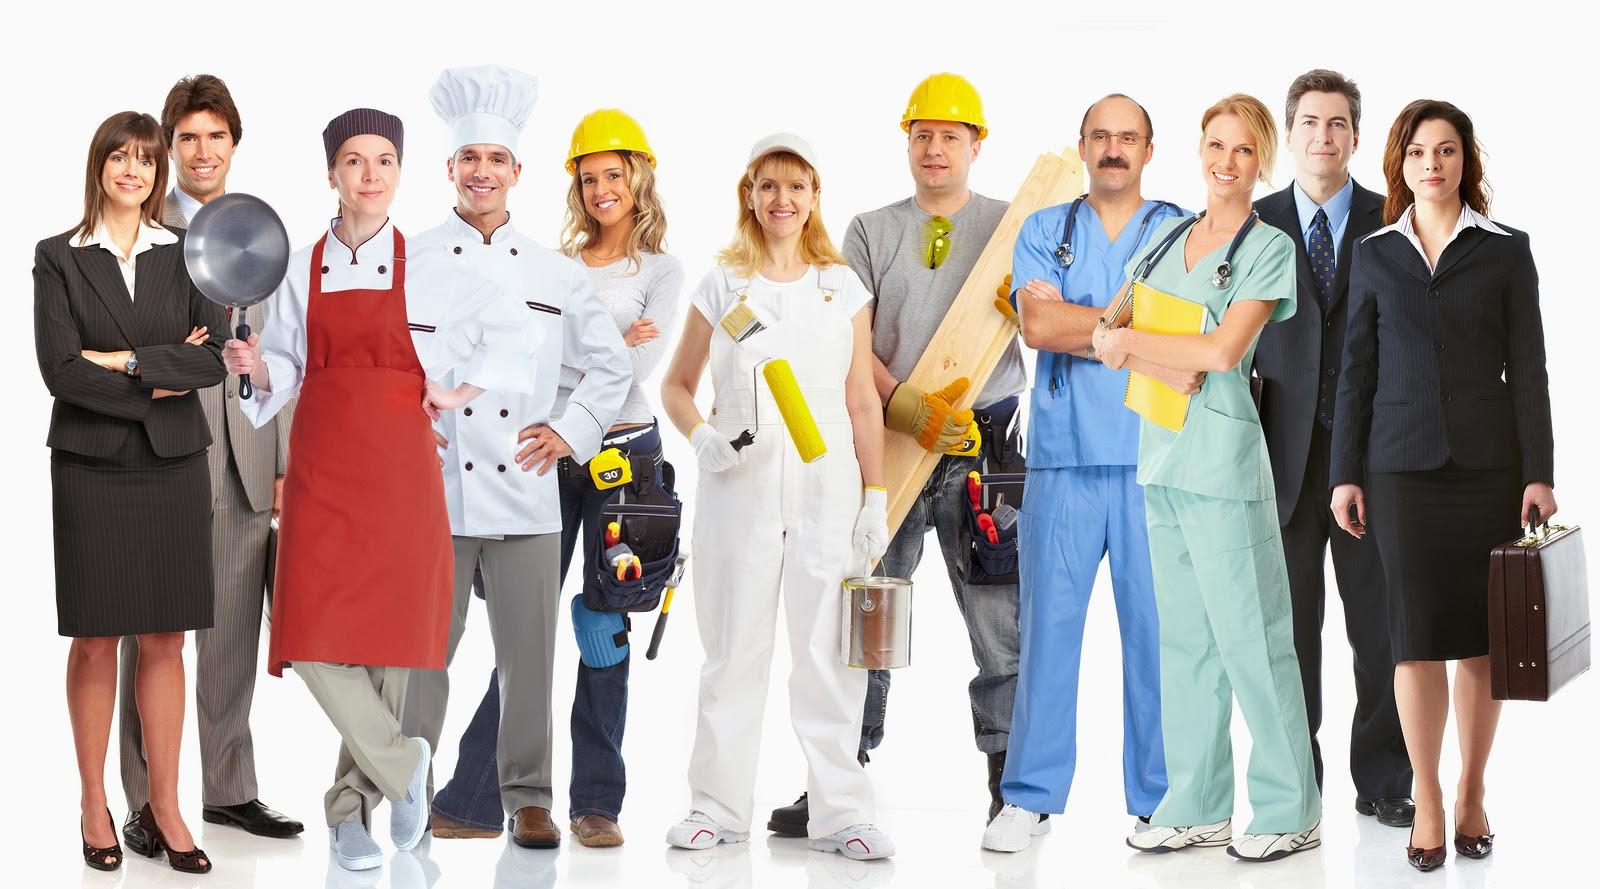 Modificaciones sustanciales de las condiciones de trabajo for Spa uniform indonesia